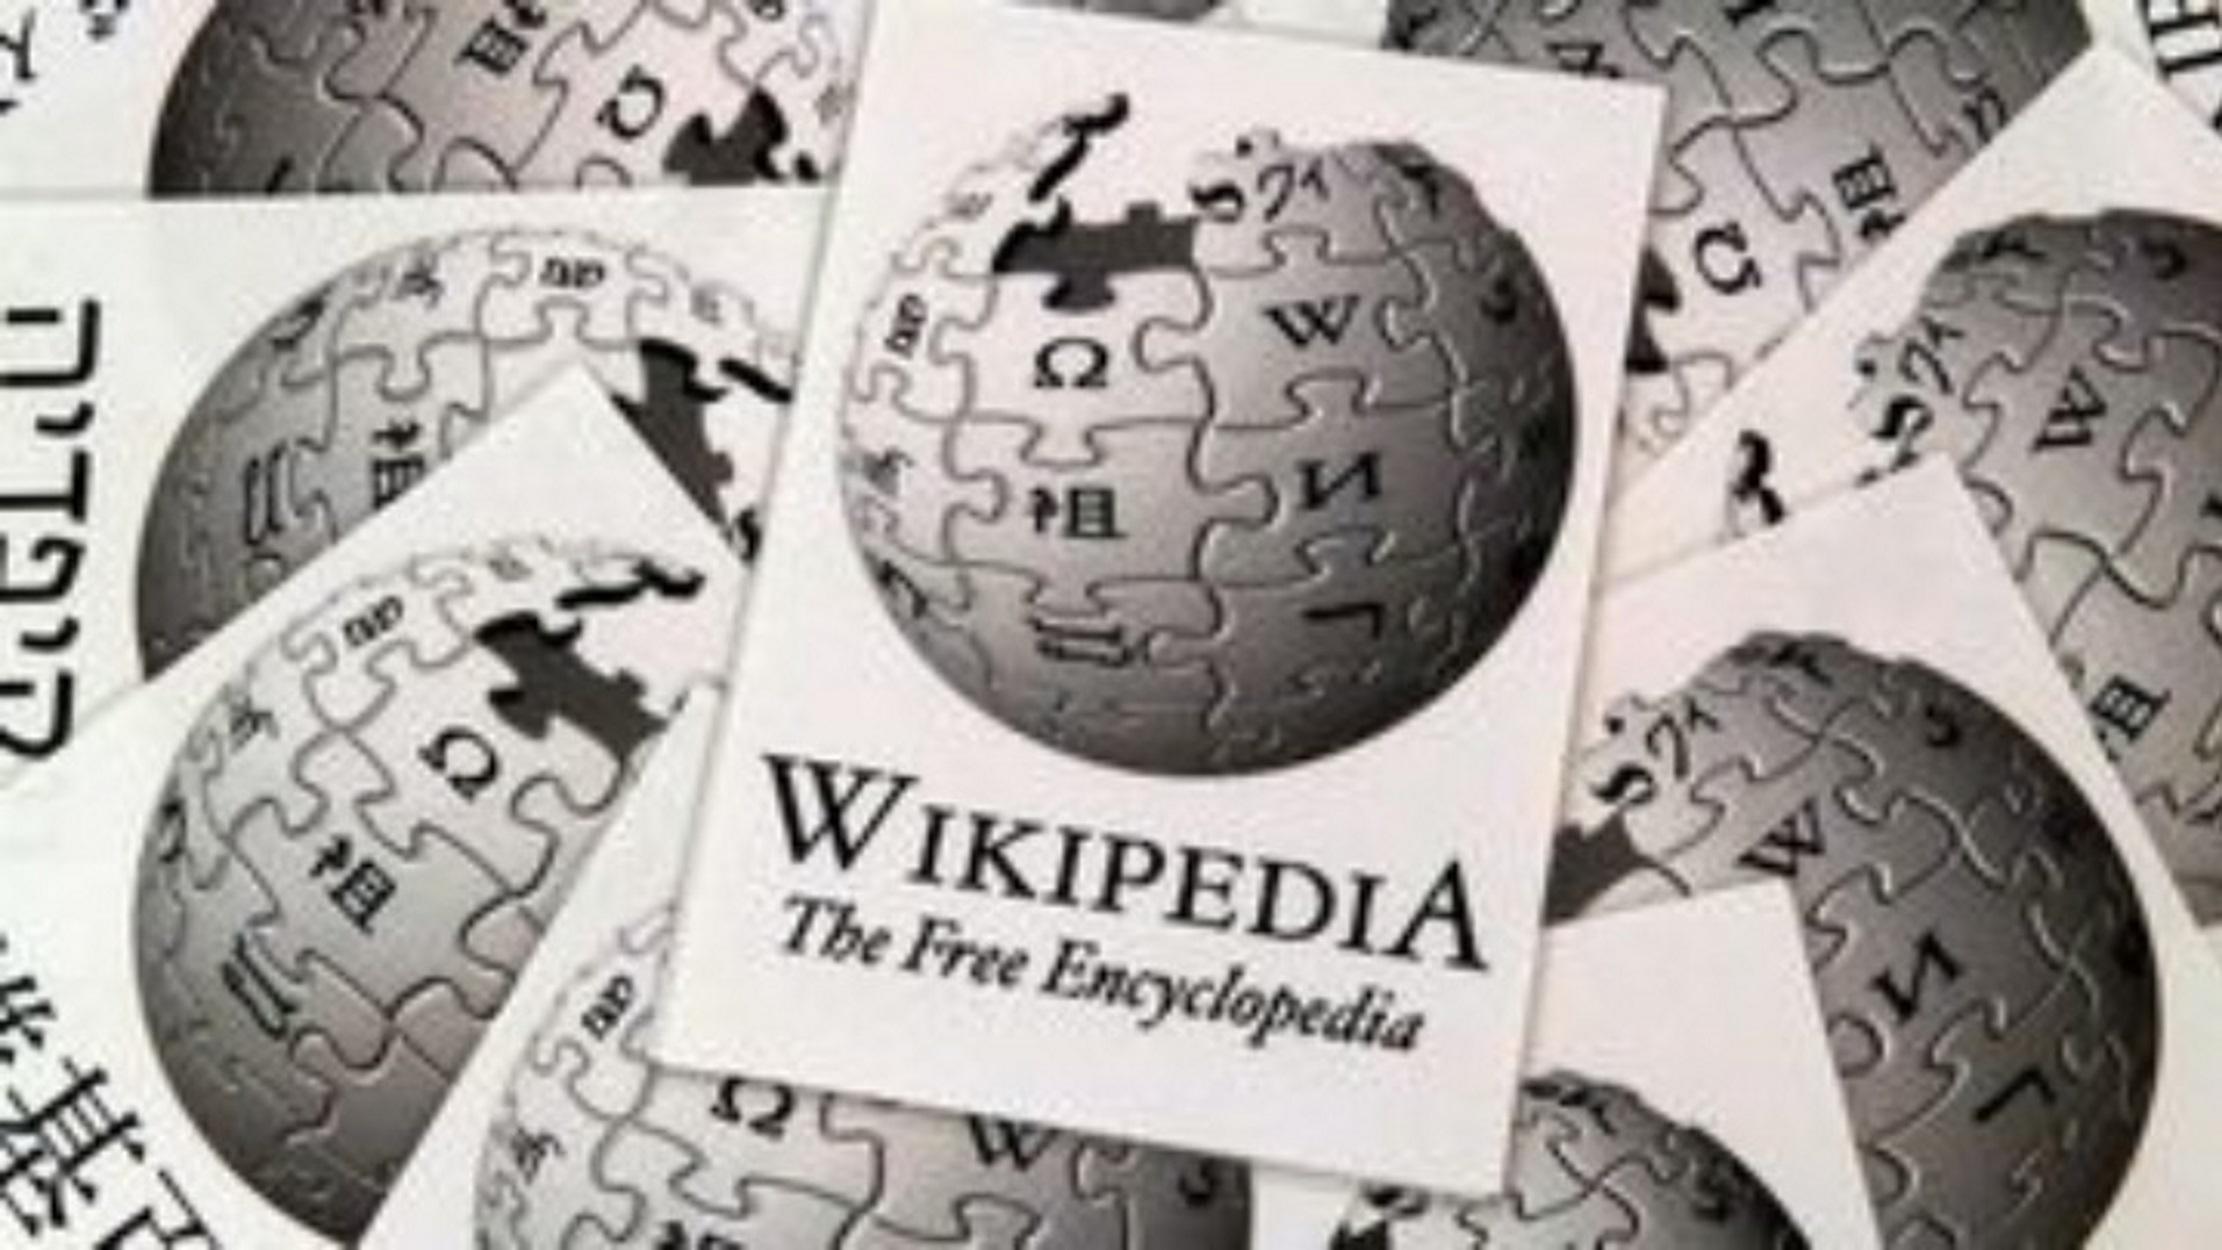 Μόσχα:«Ξένος πράκτορας» και η ρωσική Wikipedia – Τις ετοιμάζουν κυρώσεις